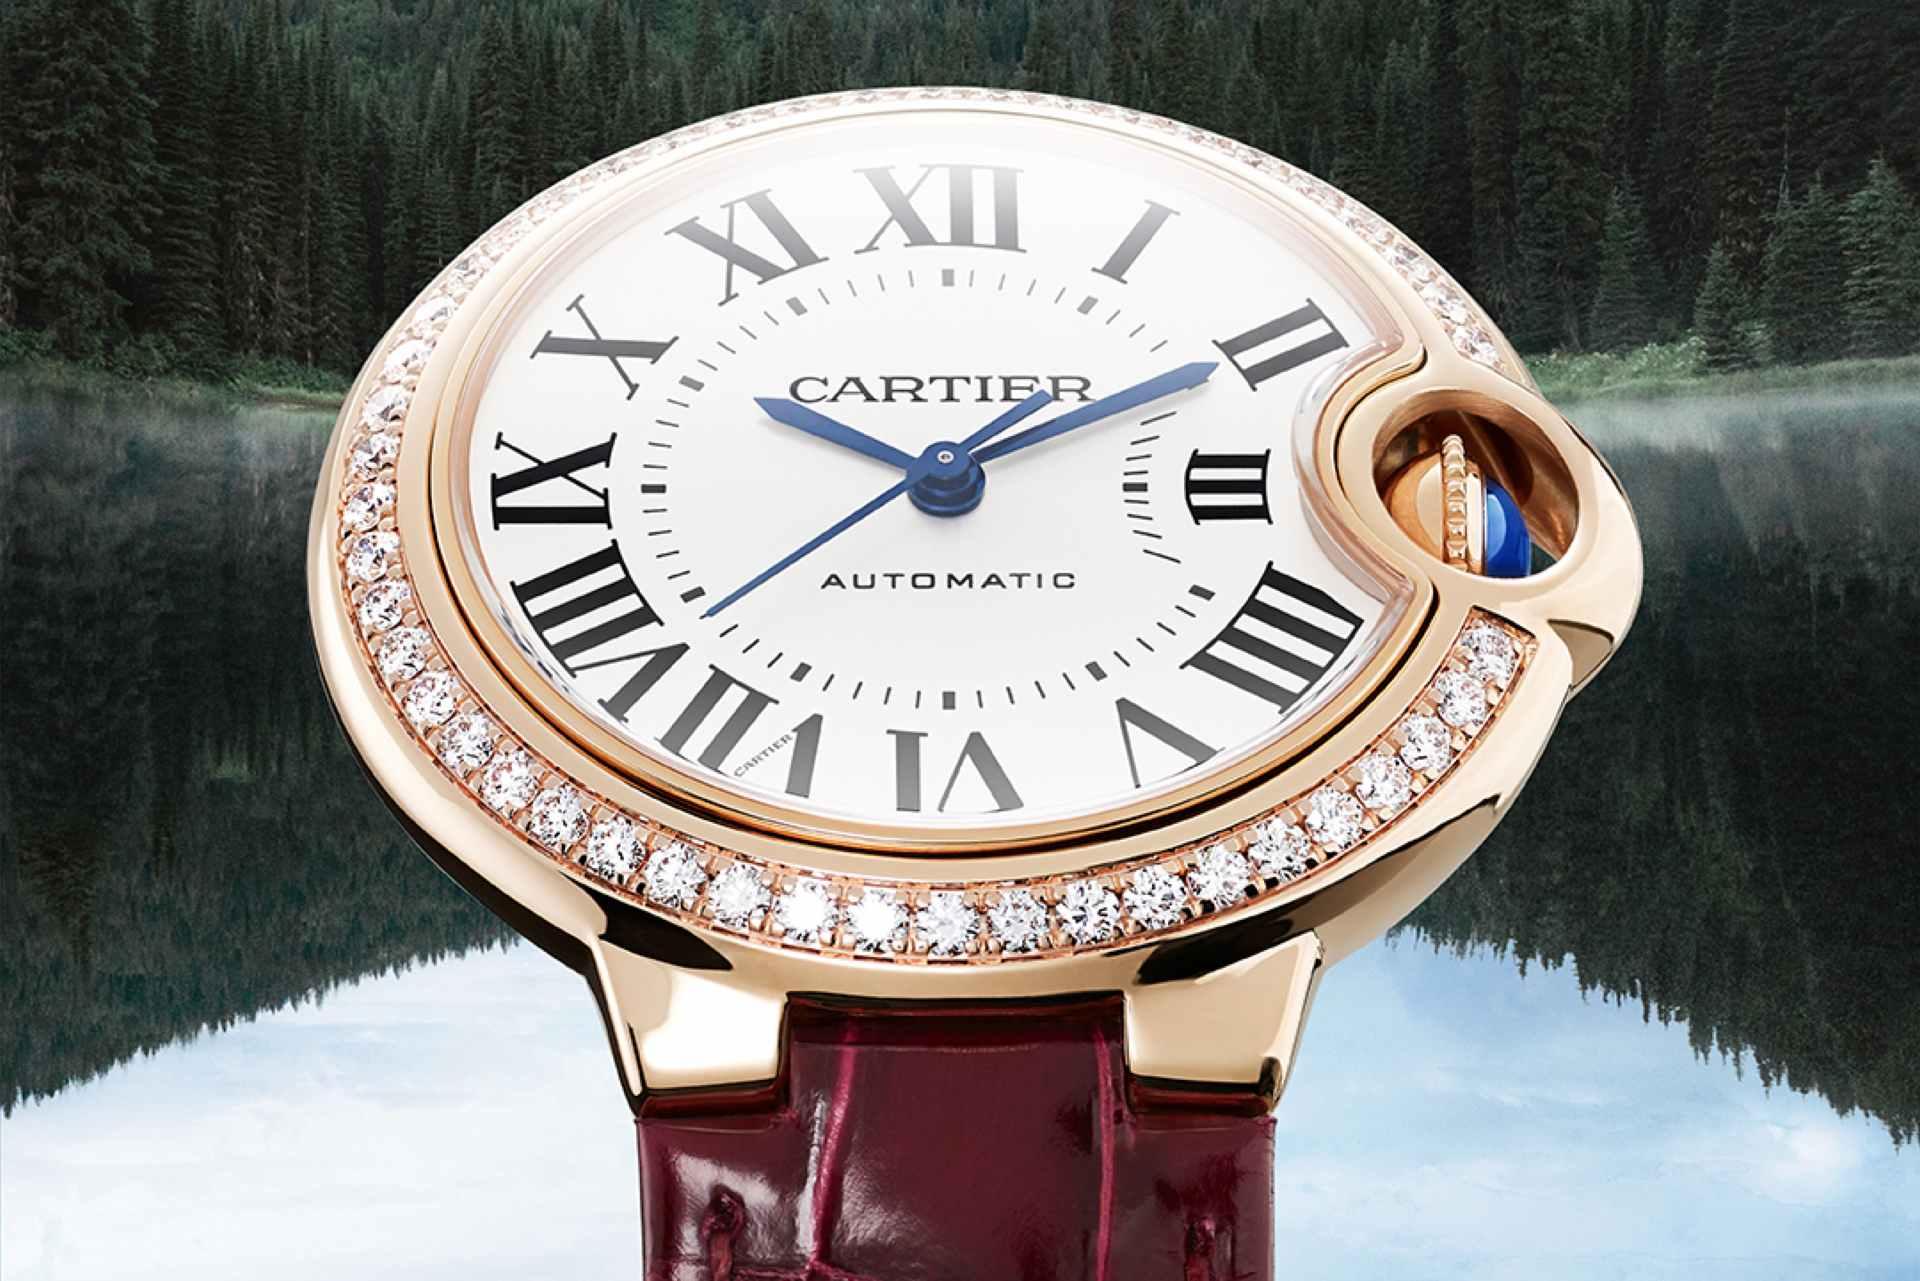 從豐富款式再度檢視經典:Ballon Bleu de Cartier